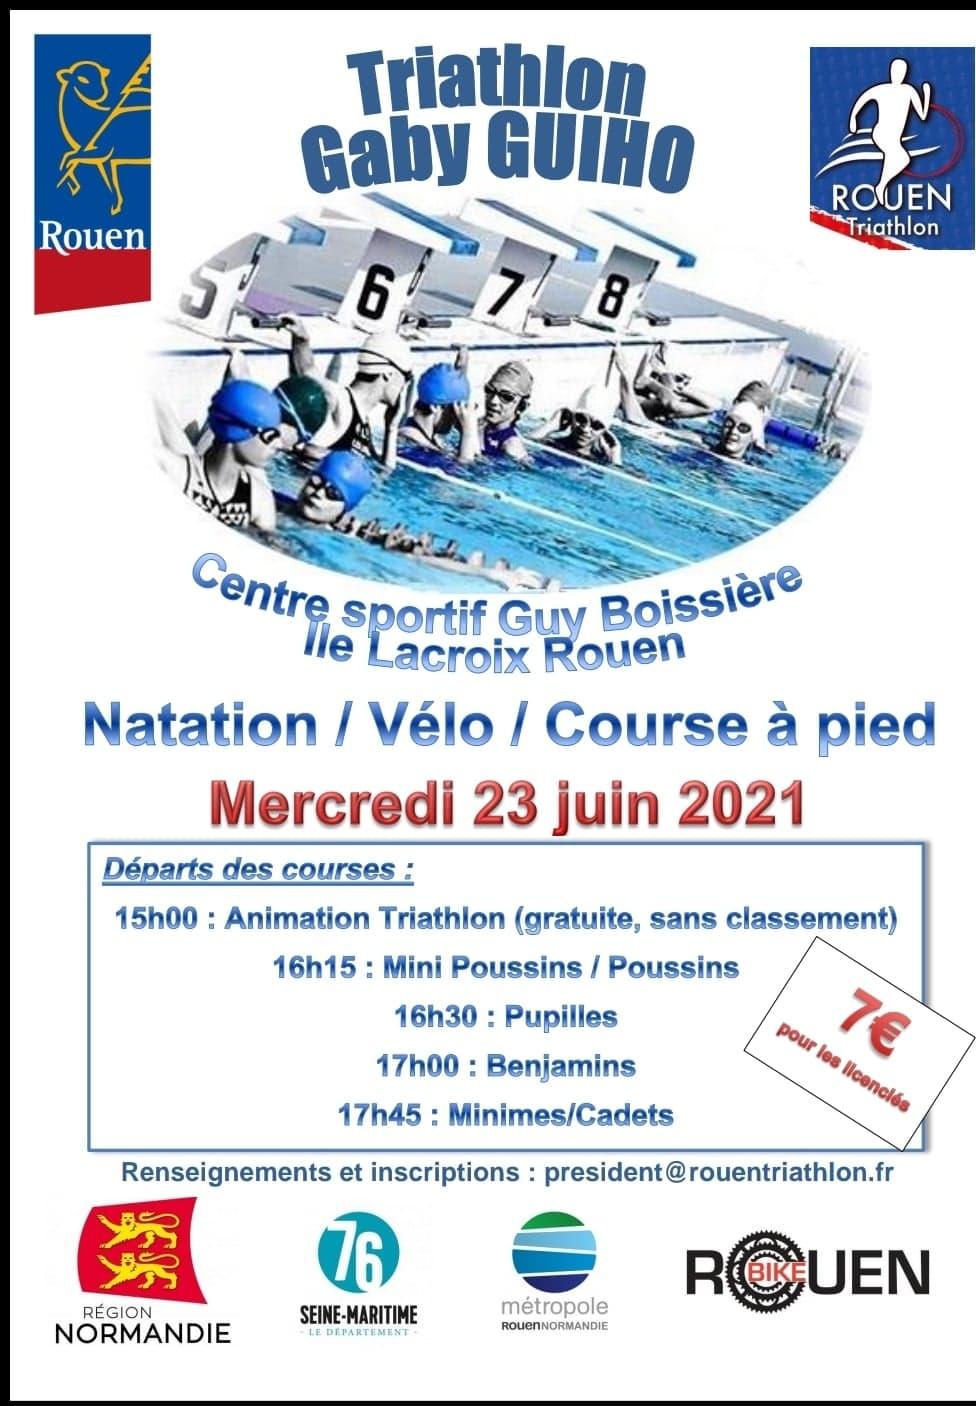 Affiche du triathlon